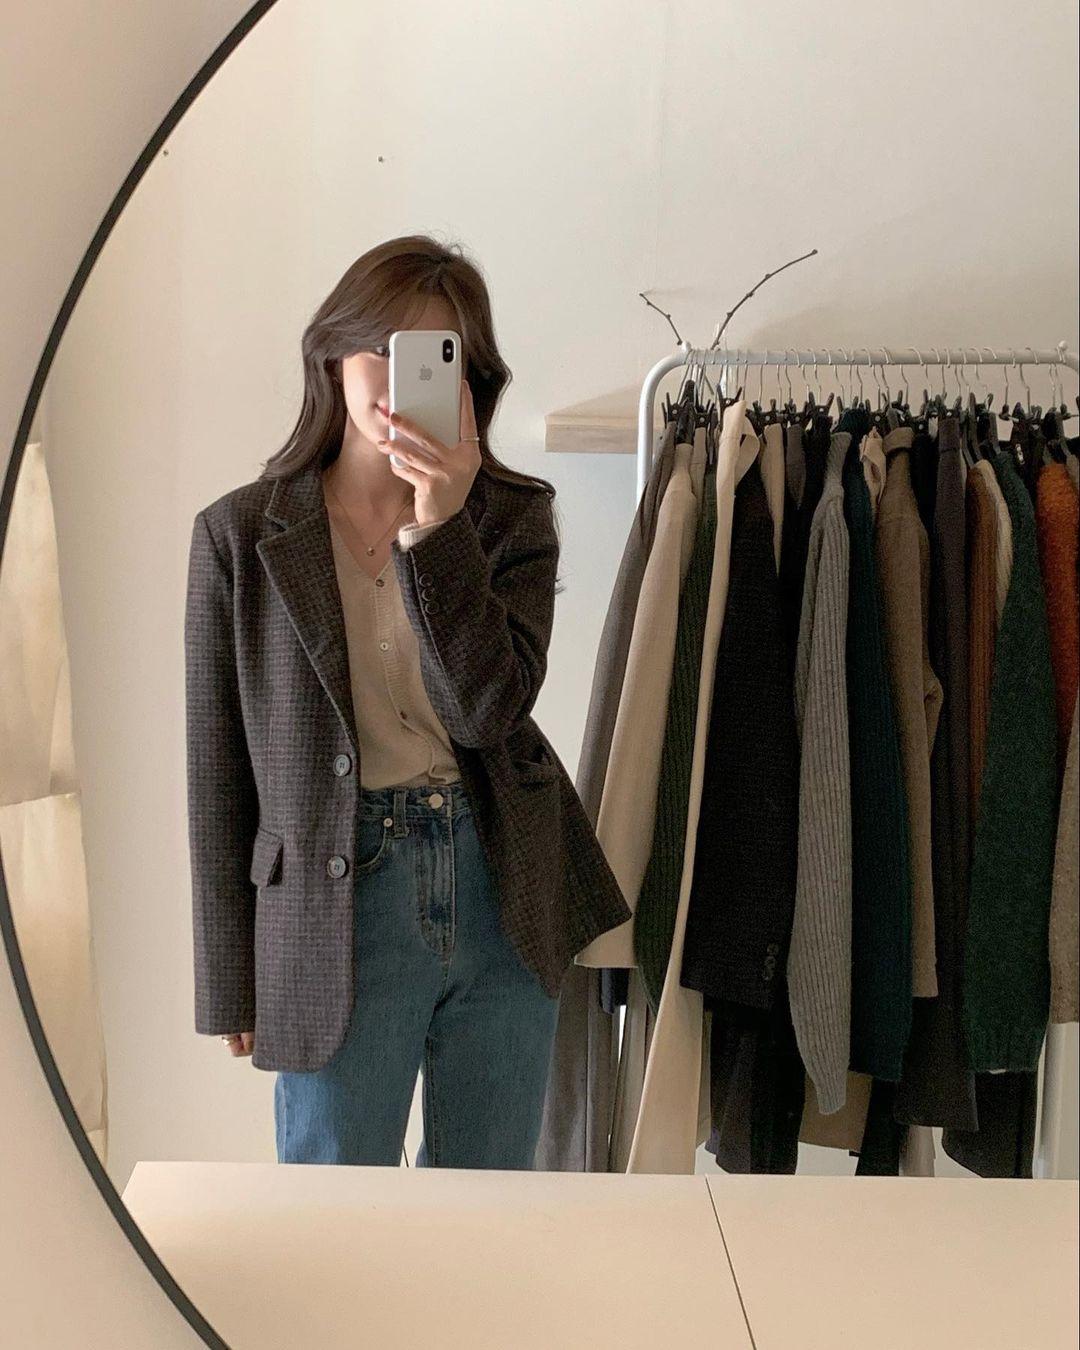 5 mẫu áo quá hợp để diện cùng blazer, bạn cần biết hết để không bao giờ thất bại trong chuyện mặc đẹp - 10